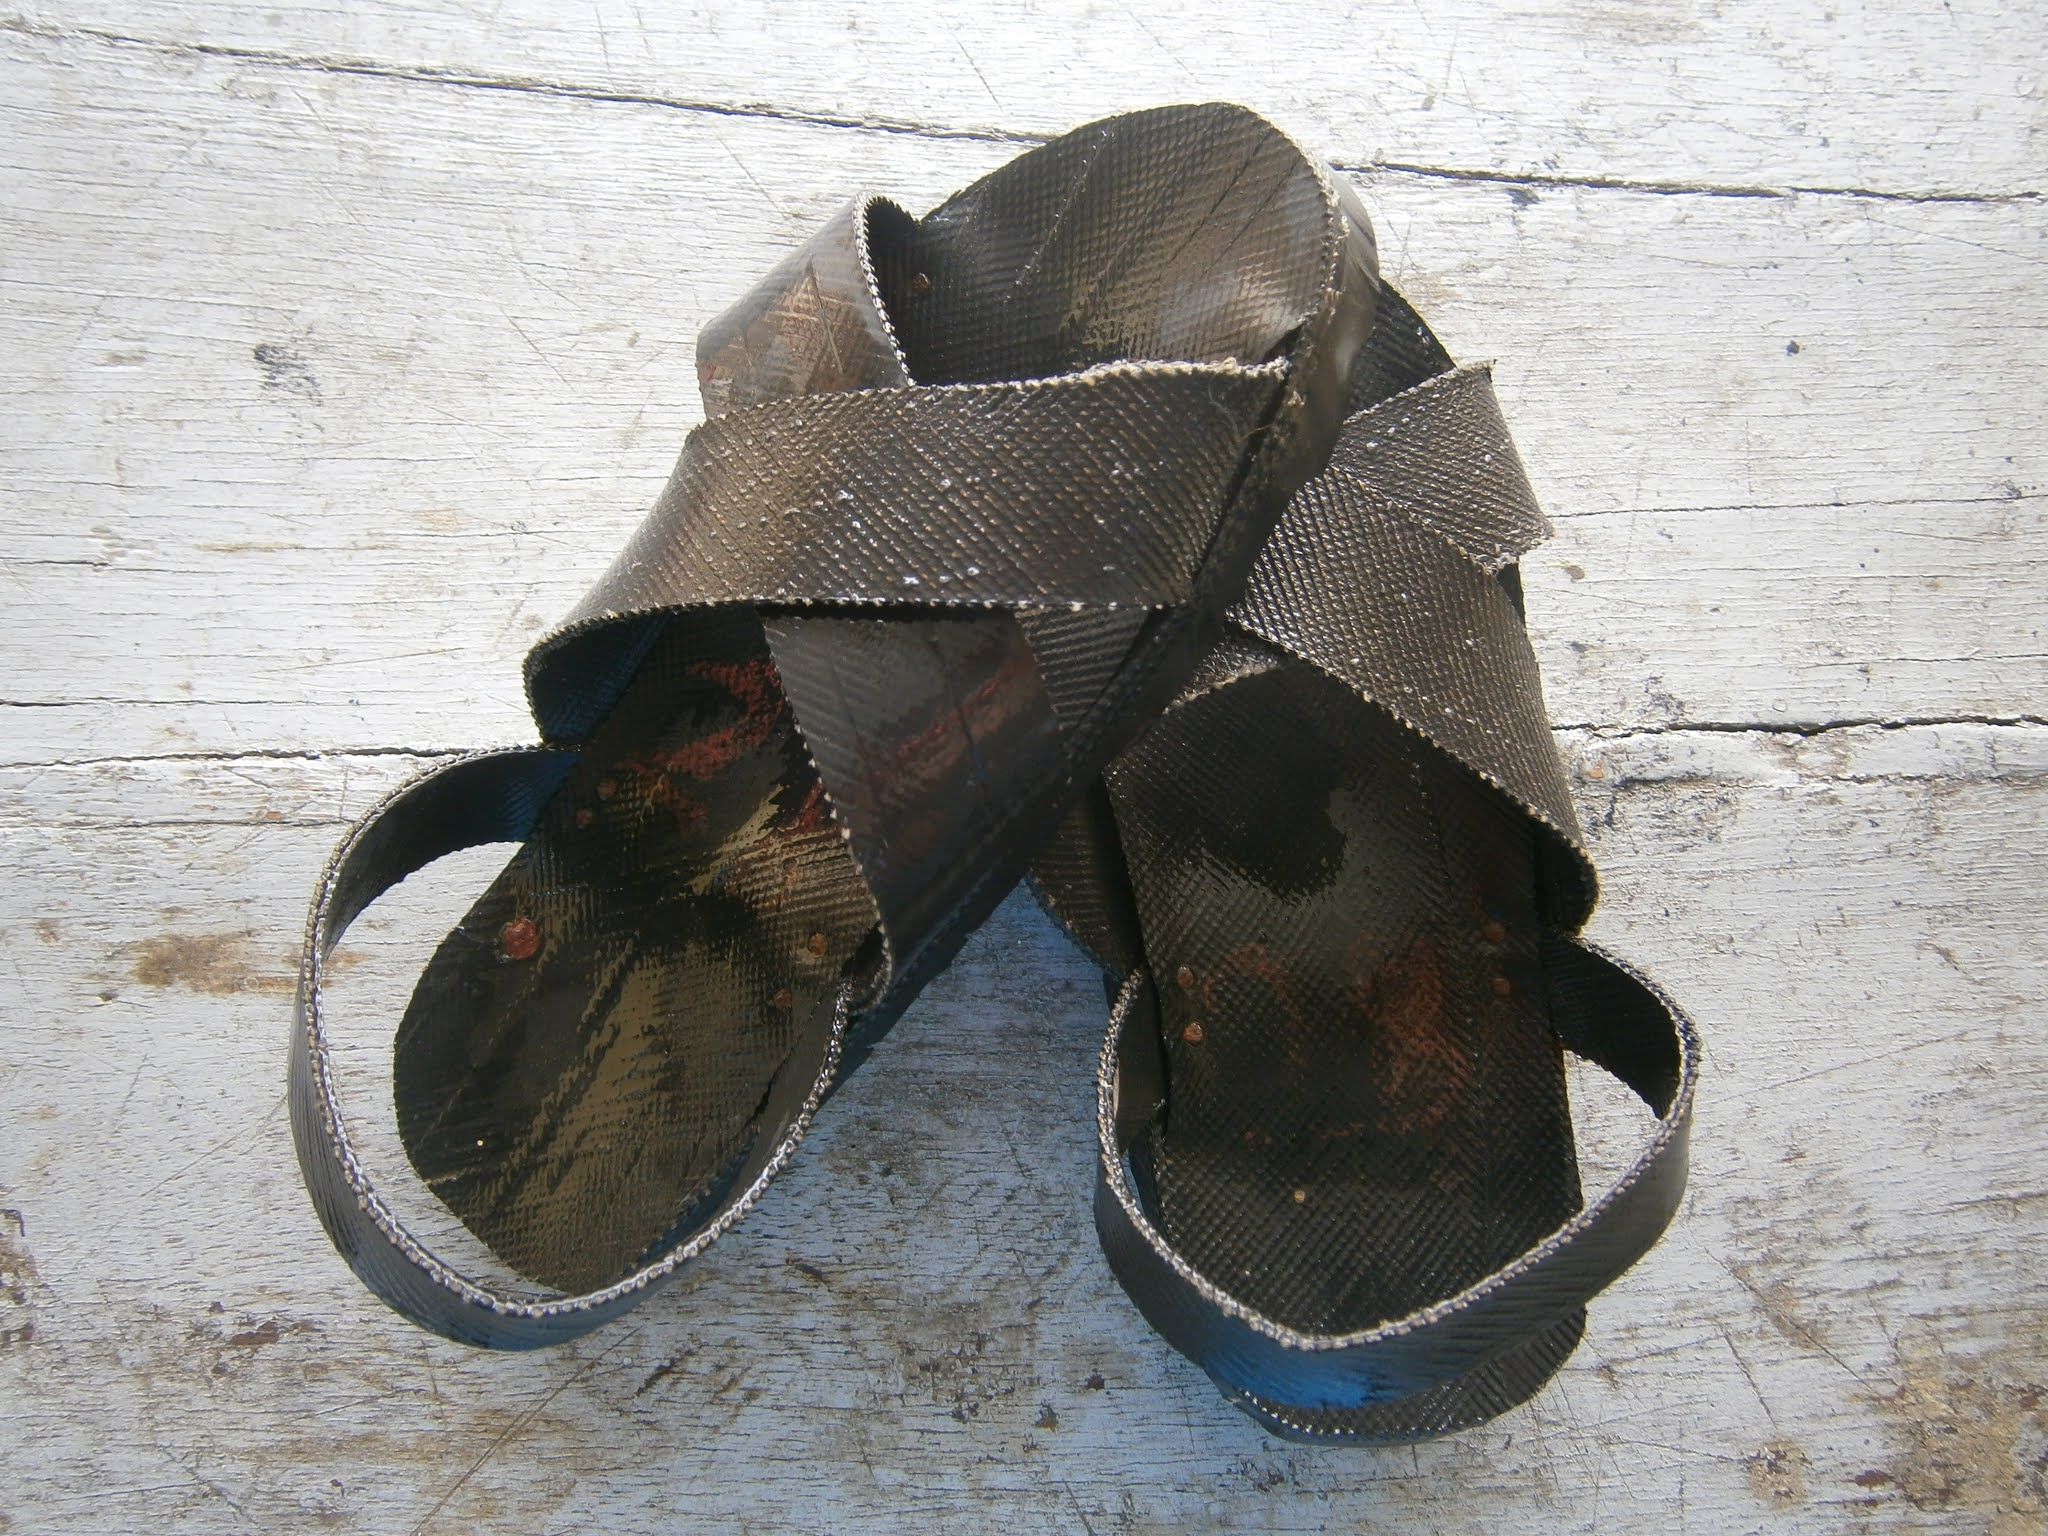 Descripción de la fotografía. Sandalias hechas de piezas de neumáticos conocidos como YANQUIS (Ojotas). Vista previa de las sandalias hechas de piezas de neumáticos conocidos como YANQUIS.